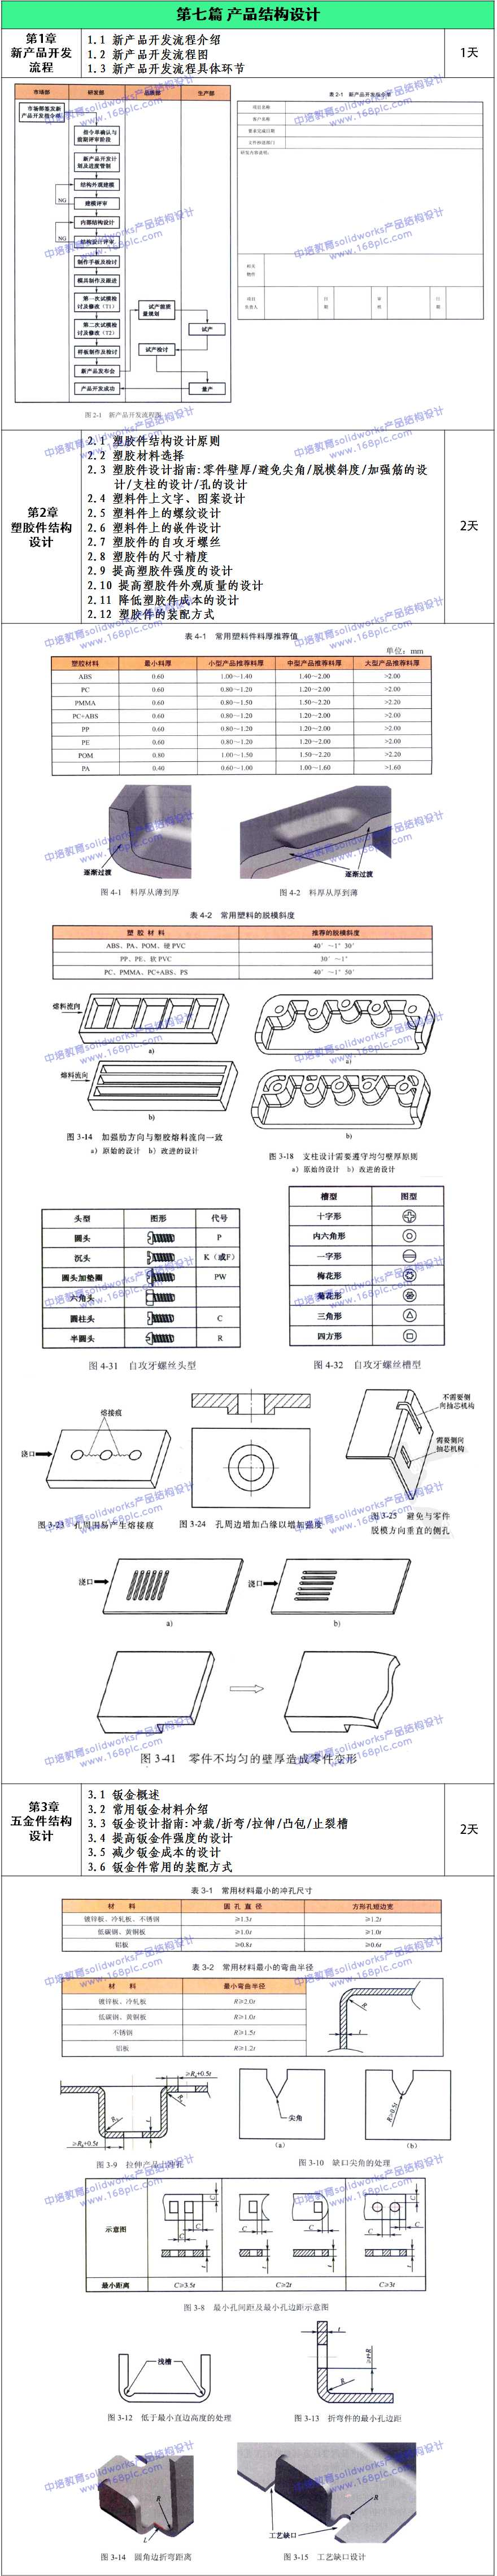 东莞solidworks培训产品结构设计教程